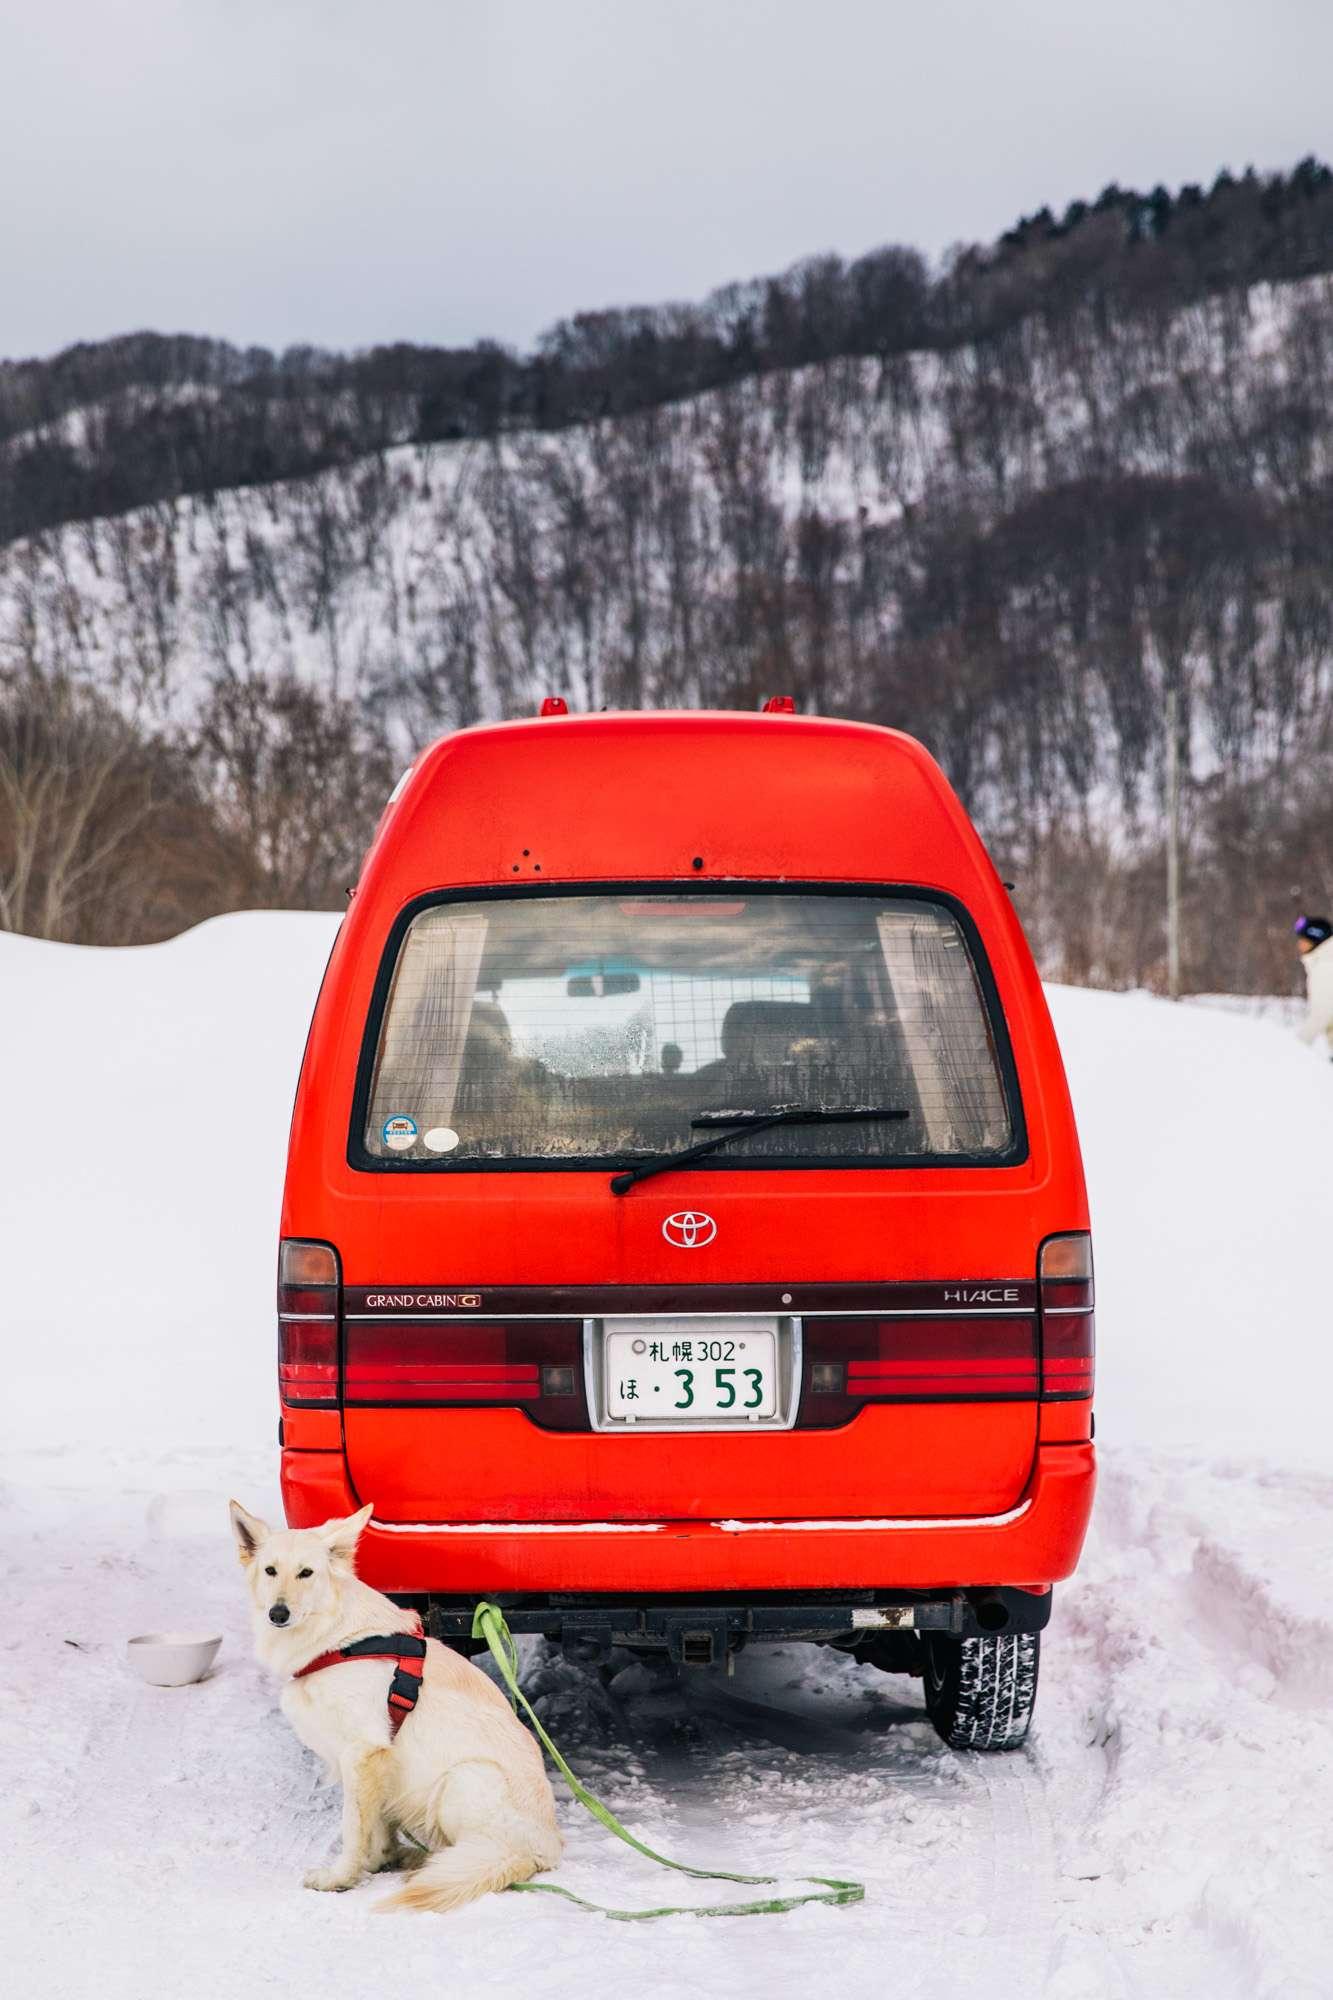 Burton [AK] 2019 - Japan